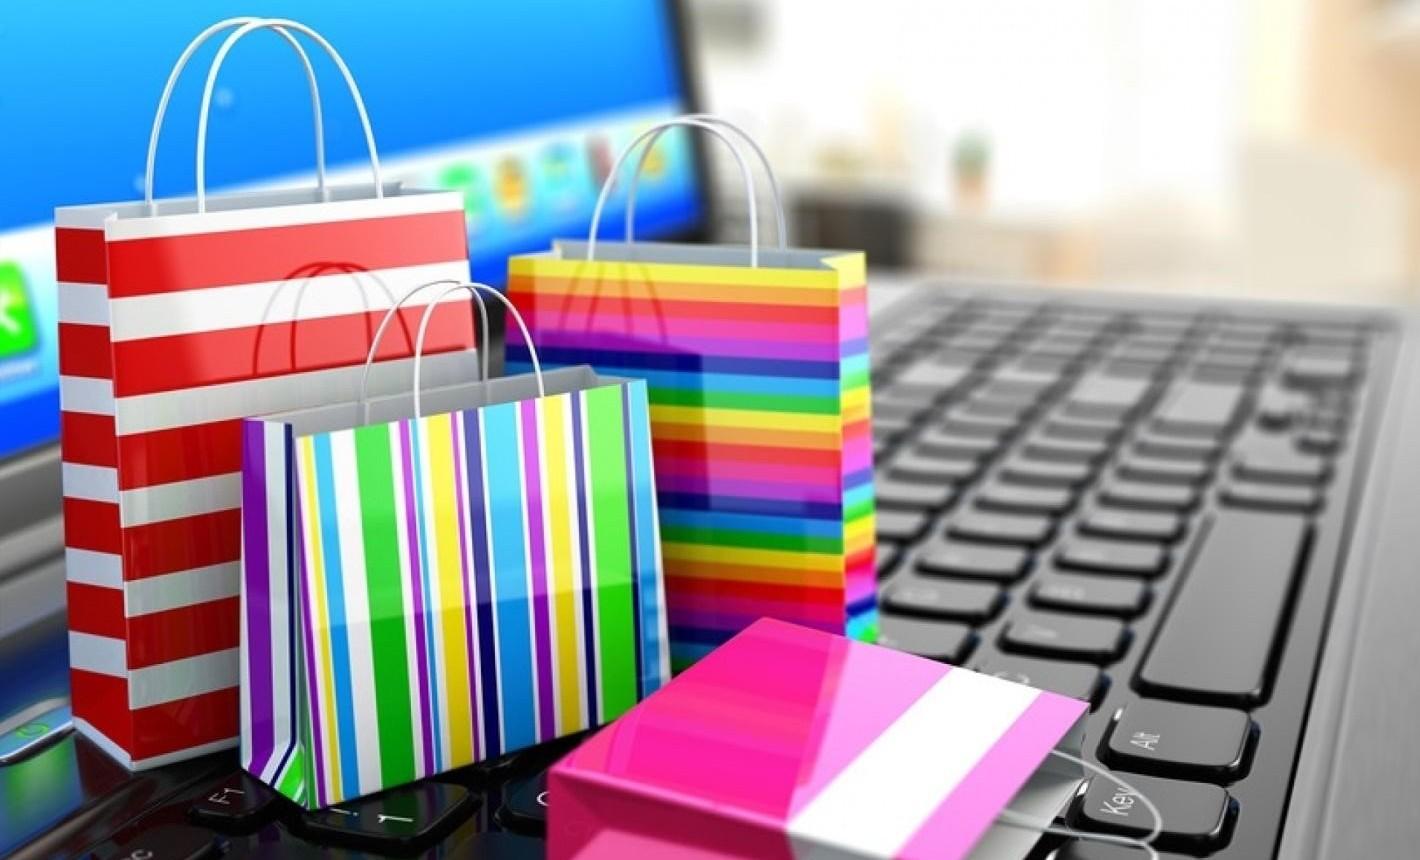 Как продавать в интернете, как человек покупает. Процесс покупки через интернет.